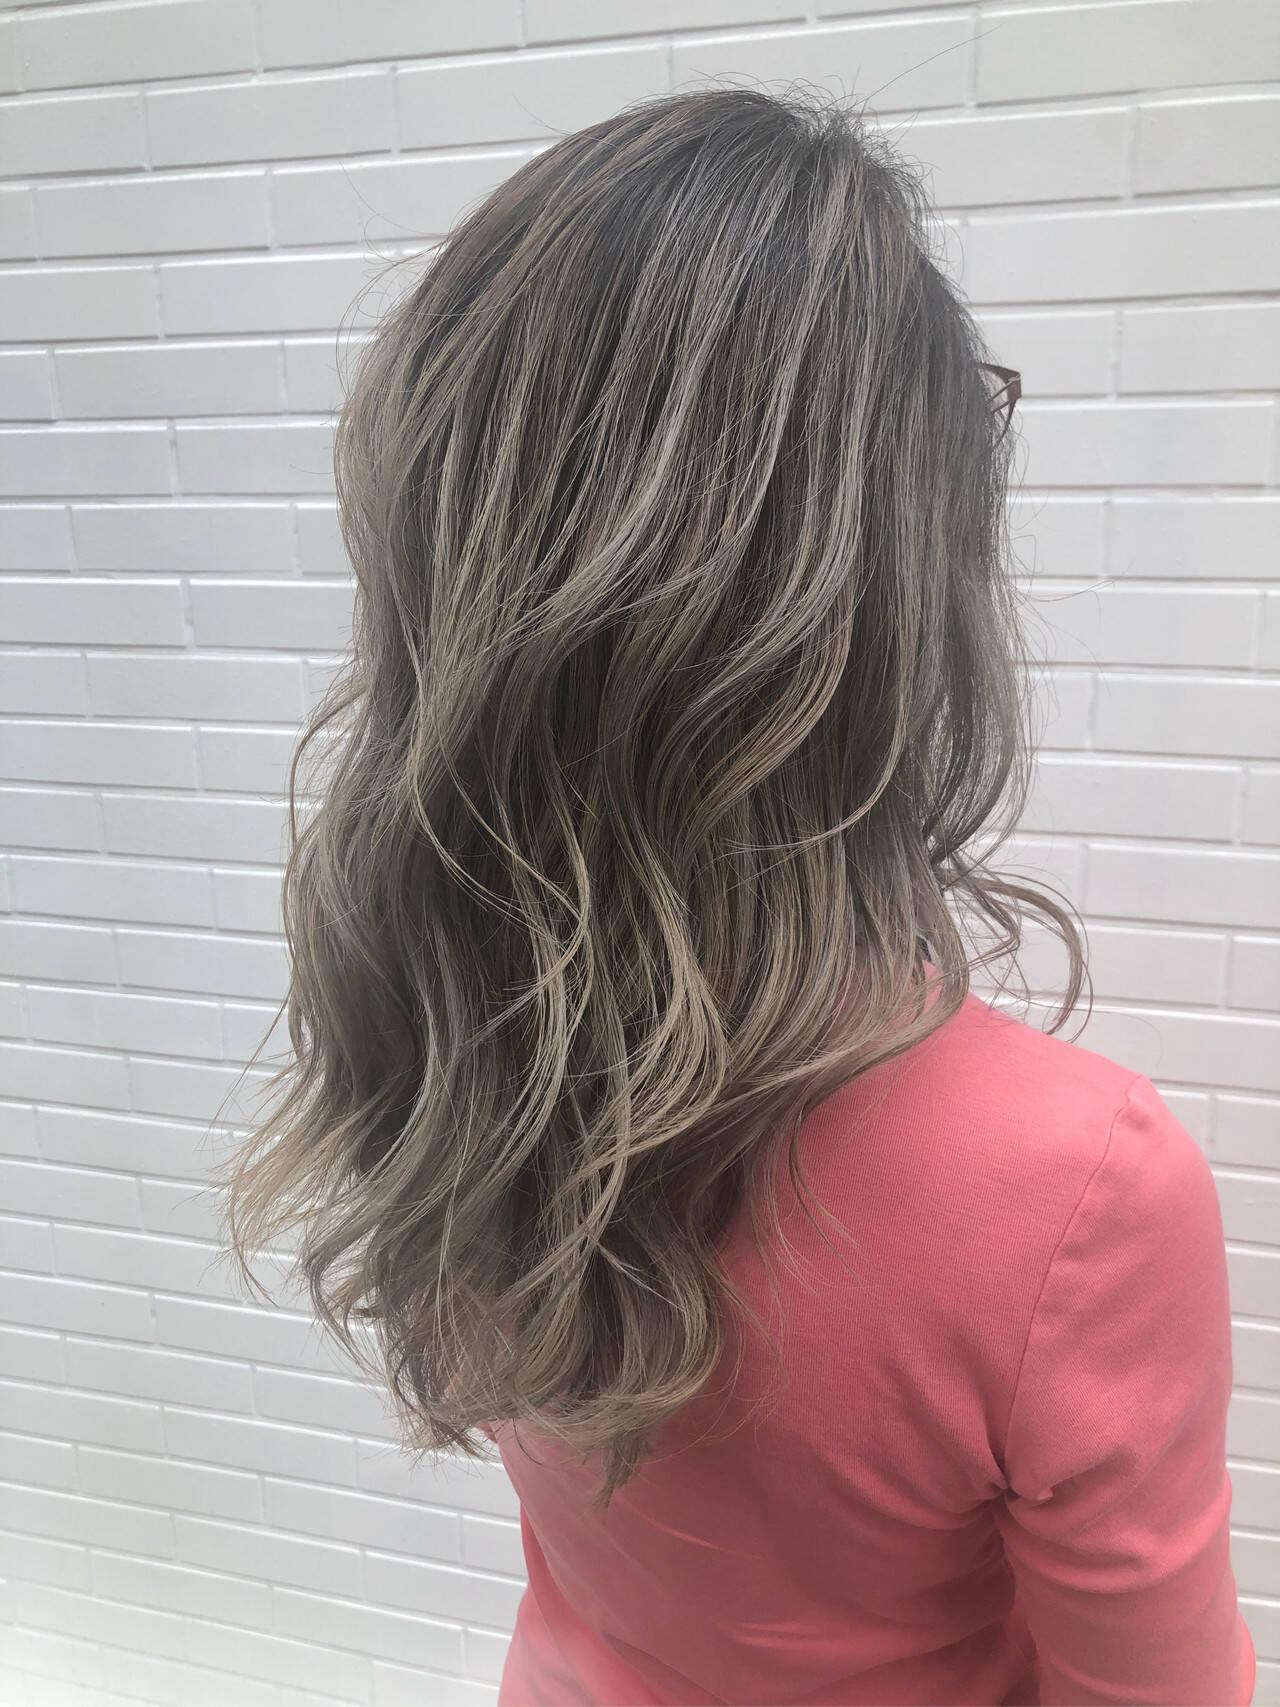 バレイヤージュ ホワイトブリーチ セミロング ホワイトヘアスタイルや髪型の写真・画像